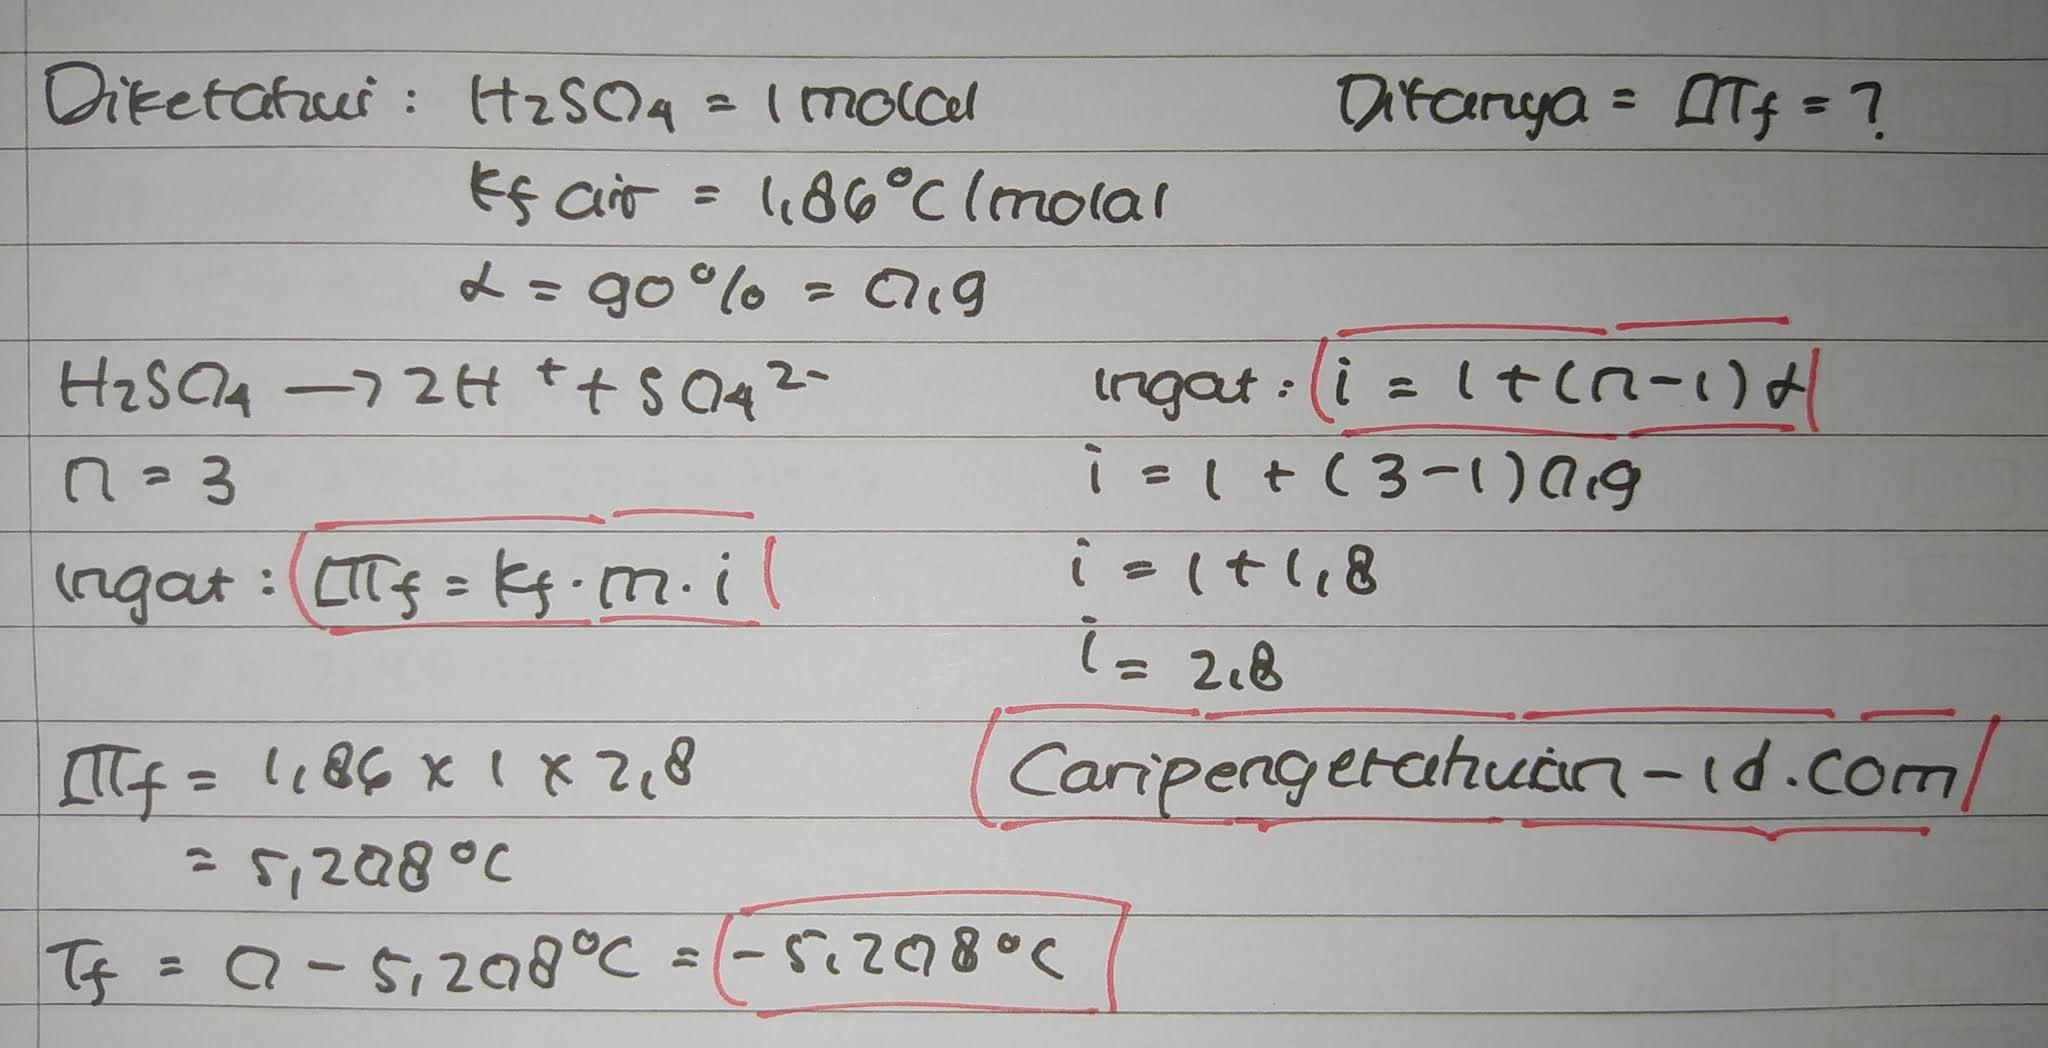 Larutan H2SO4 1 molal terionisasi 90%. Kf air = 1,86°C/molal. Maka titik beku larutan tersebut adalah